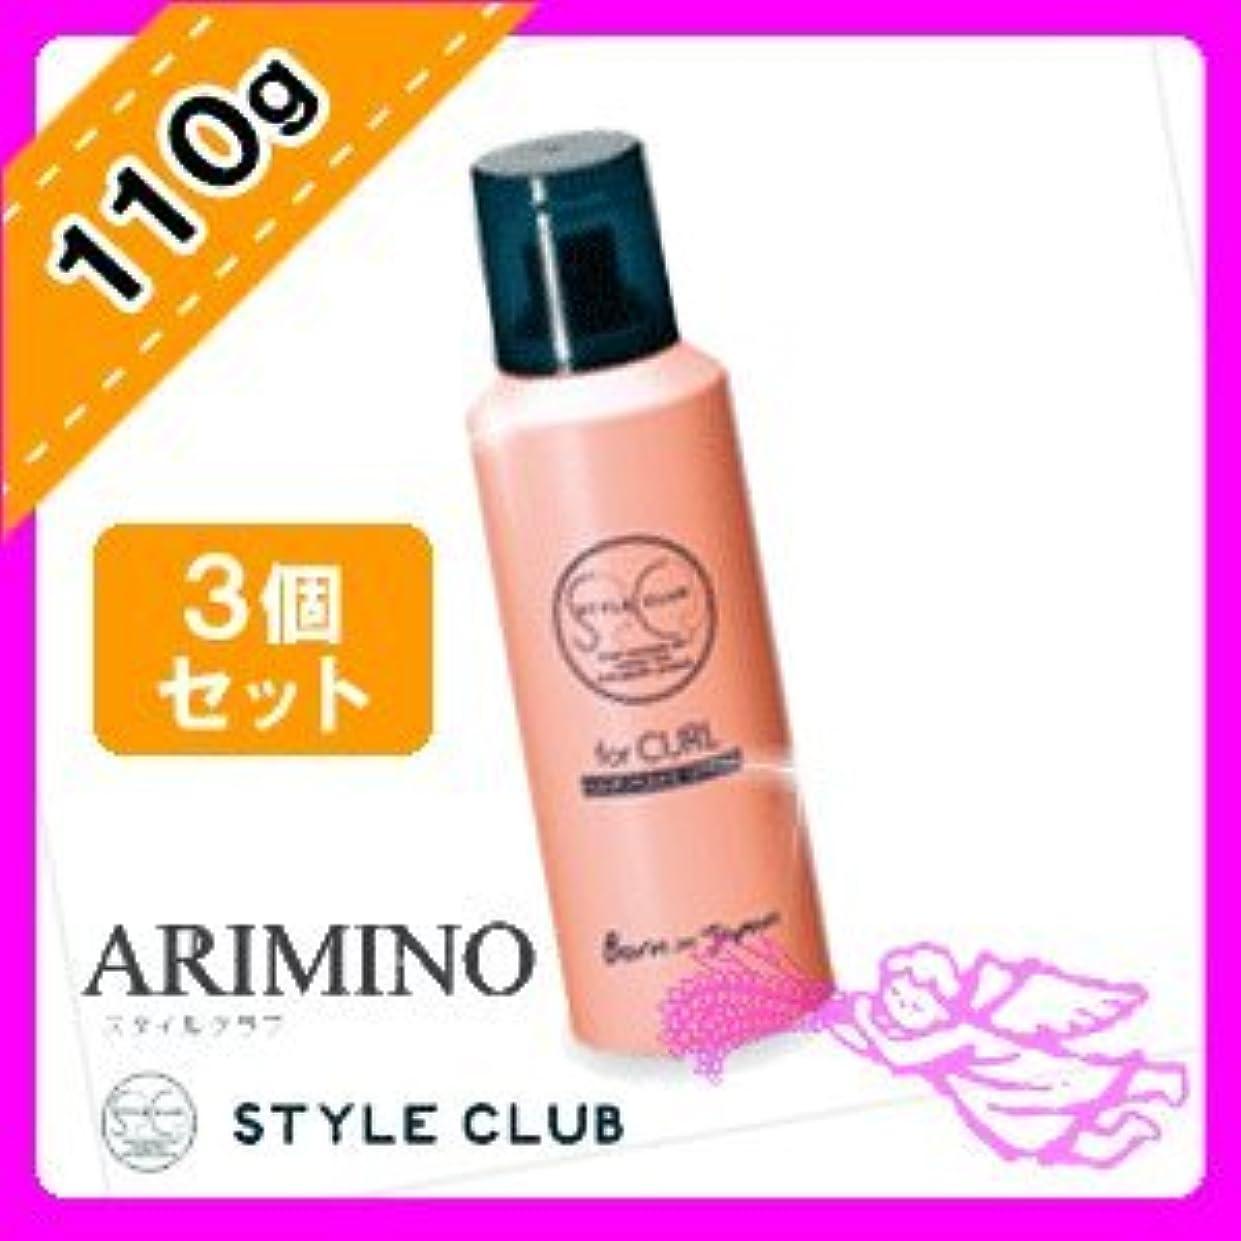 アリミノ スタイルクラブ ヘアメイクスプレー 110g(161ml) ×3個 セット